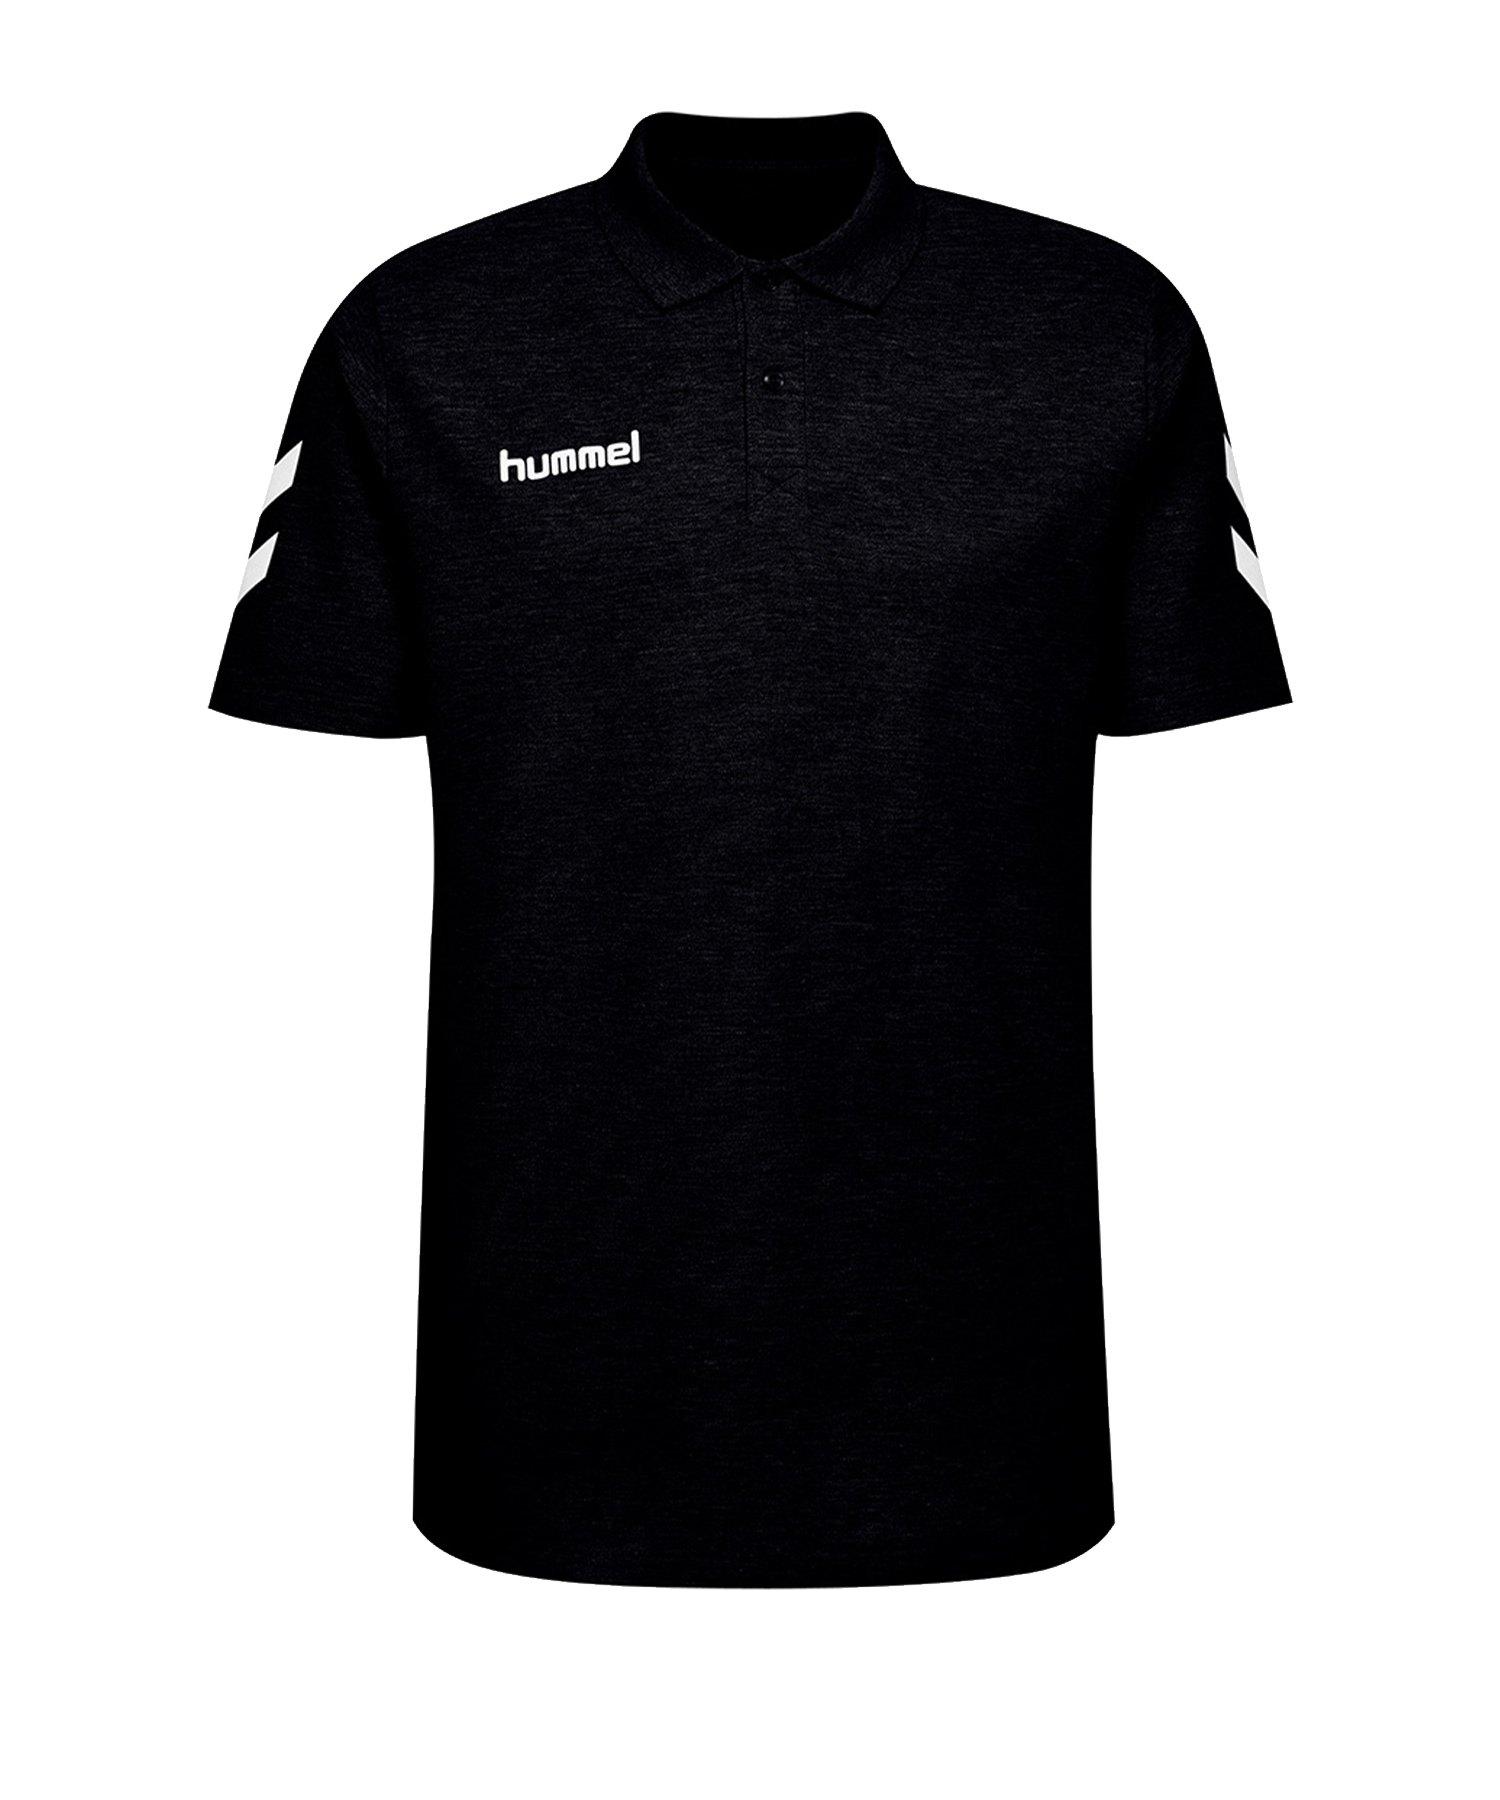 Hummel Cotton Poloshirt Kids Schwarz F2001 - Schwarz